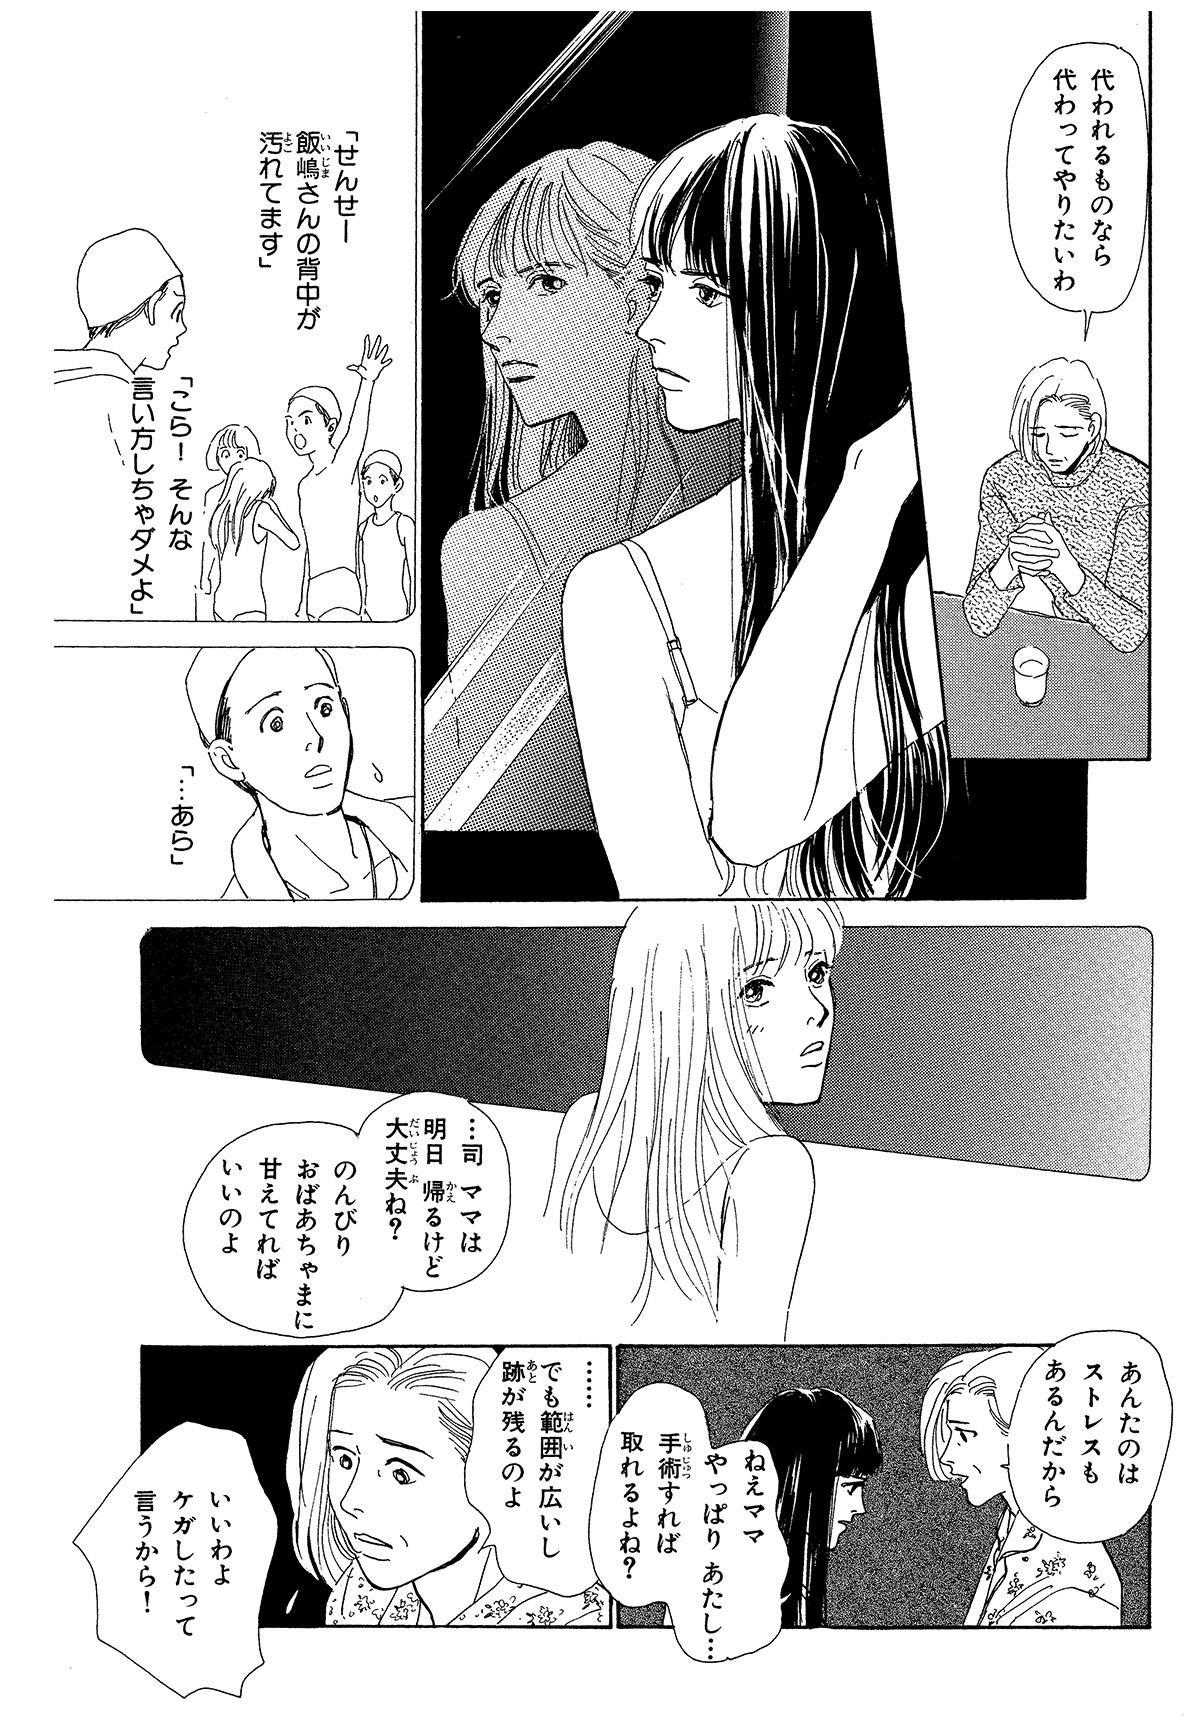 百鬼夜行抄_01_0047.jpg